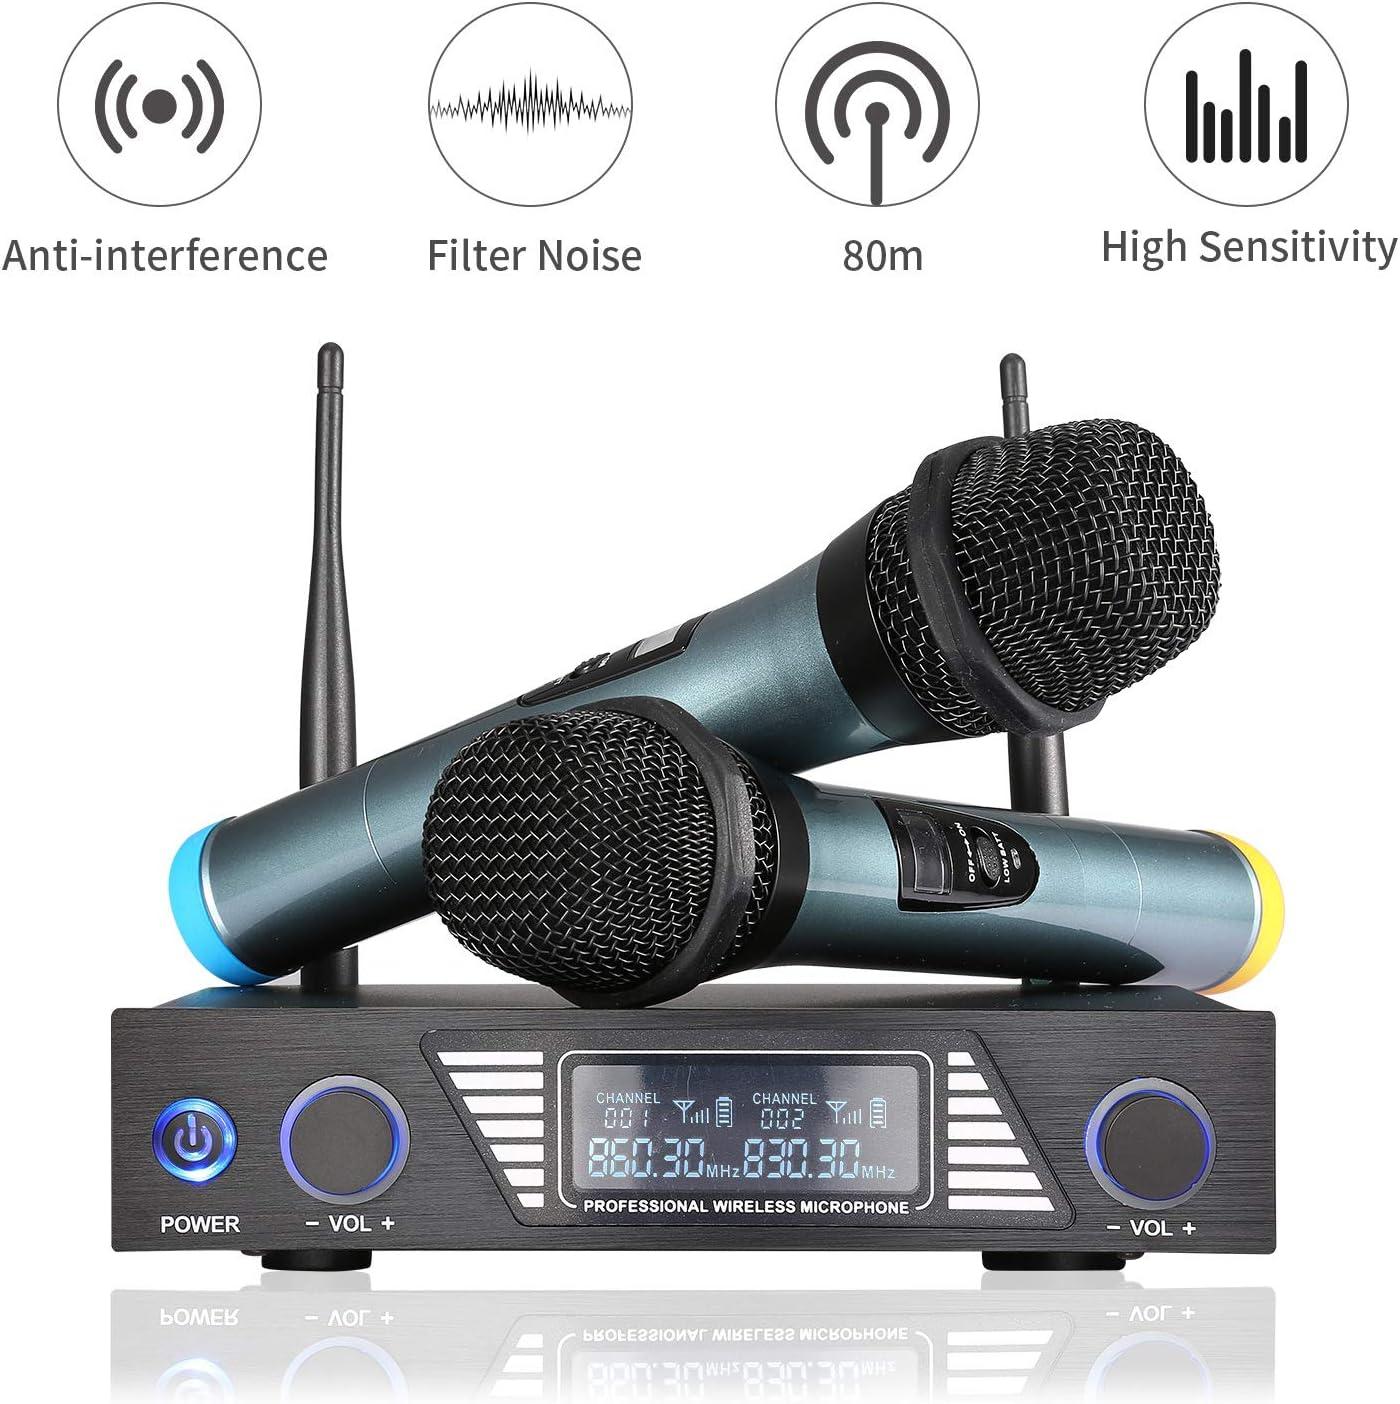 Micrófono Inalámbrico Profesional, Sistema de Micrófono Inalámbrico de Mano UHF para Reuniones, Bodas, Clases, Fiesta, EXJOY Micrófono Dinámico de Karaoke Portátil con Pantalla LED